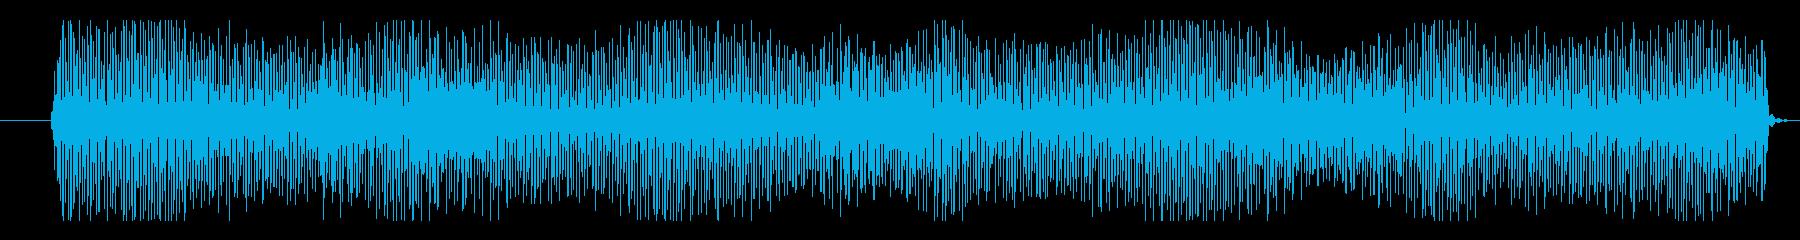 フィクション 実用性 抽象シンセ01の再生済みの波形